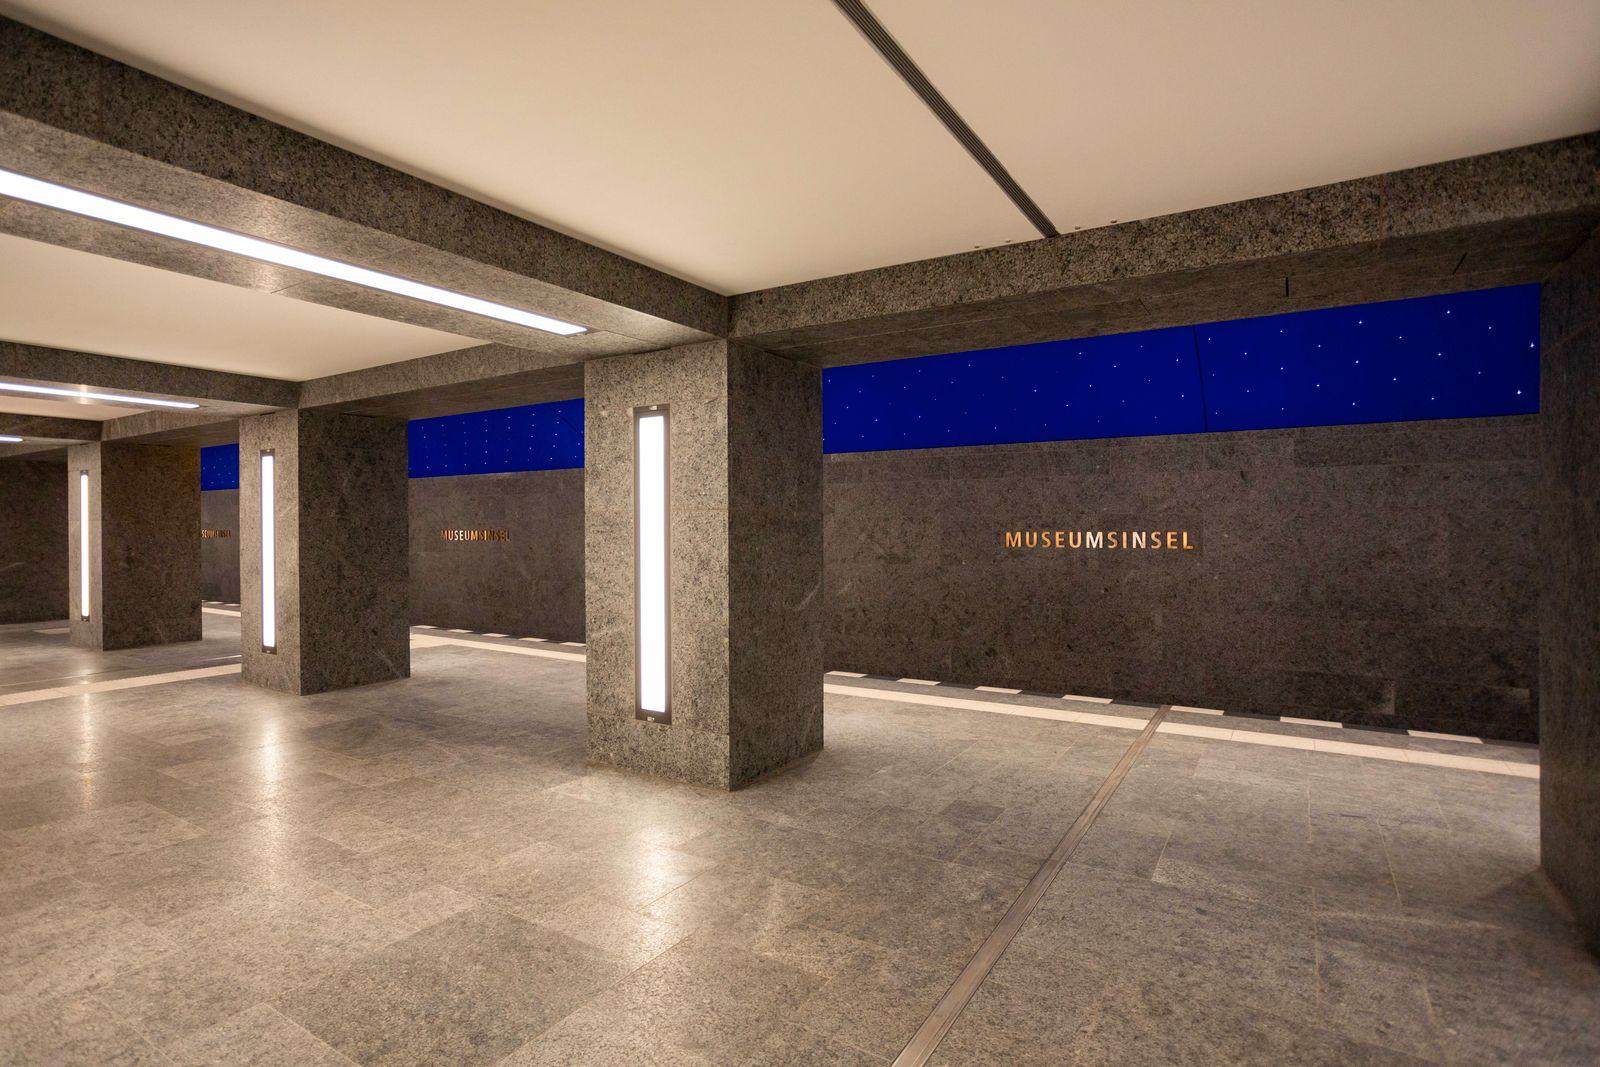 U-Bahnhof Museumsinsel feierlich eroeffnet, Senatorin Ramona Pop gleichzeitig auch Vorsitzende des Aufsichtsrats der Ber